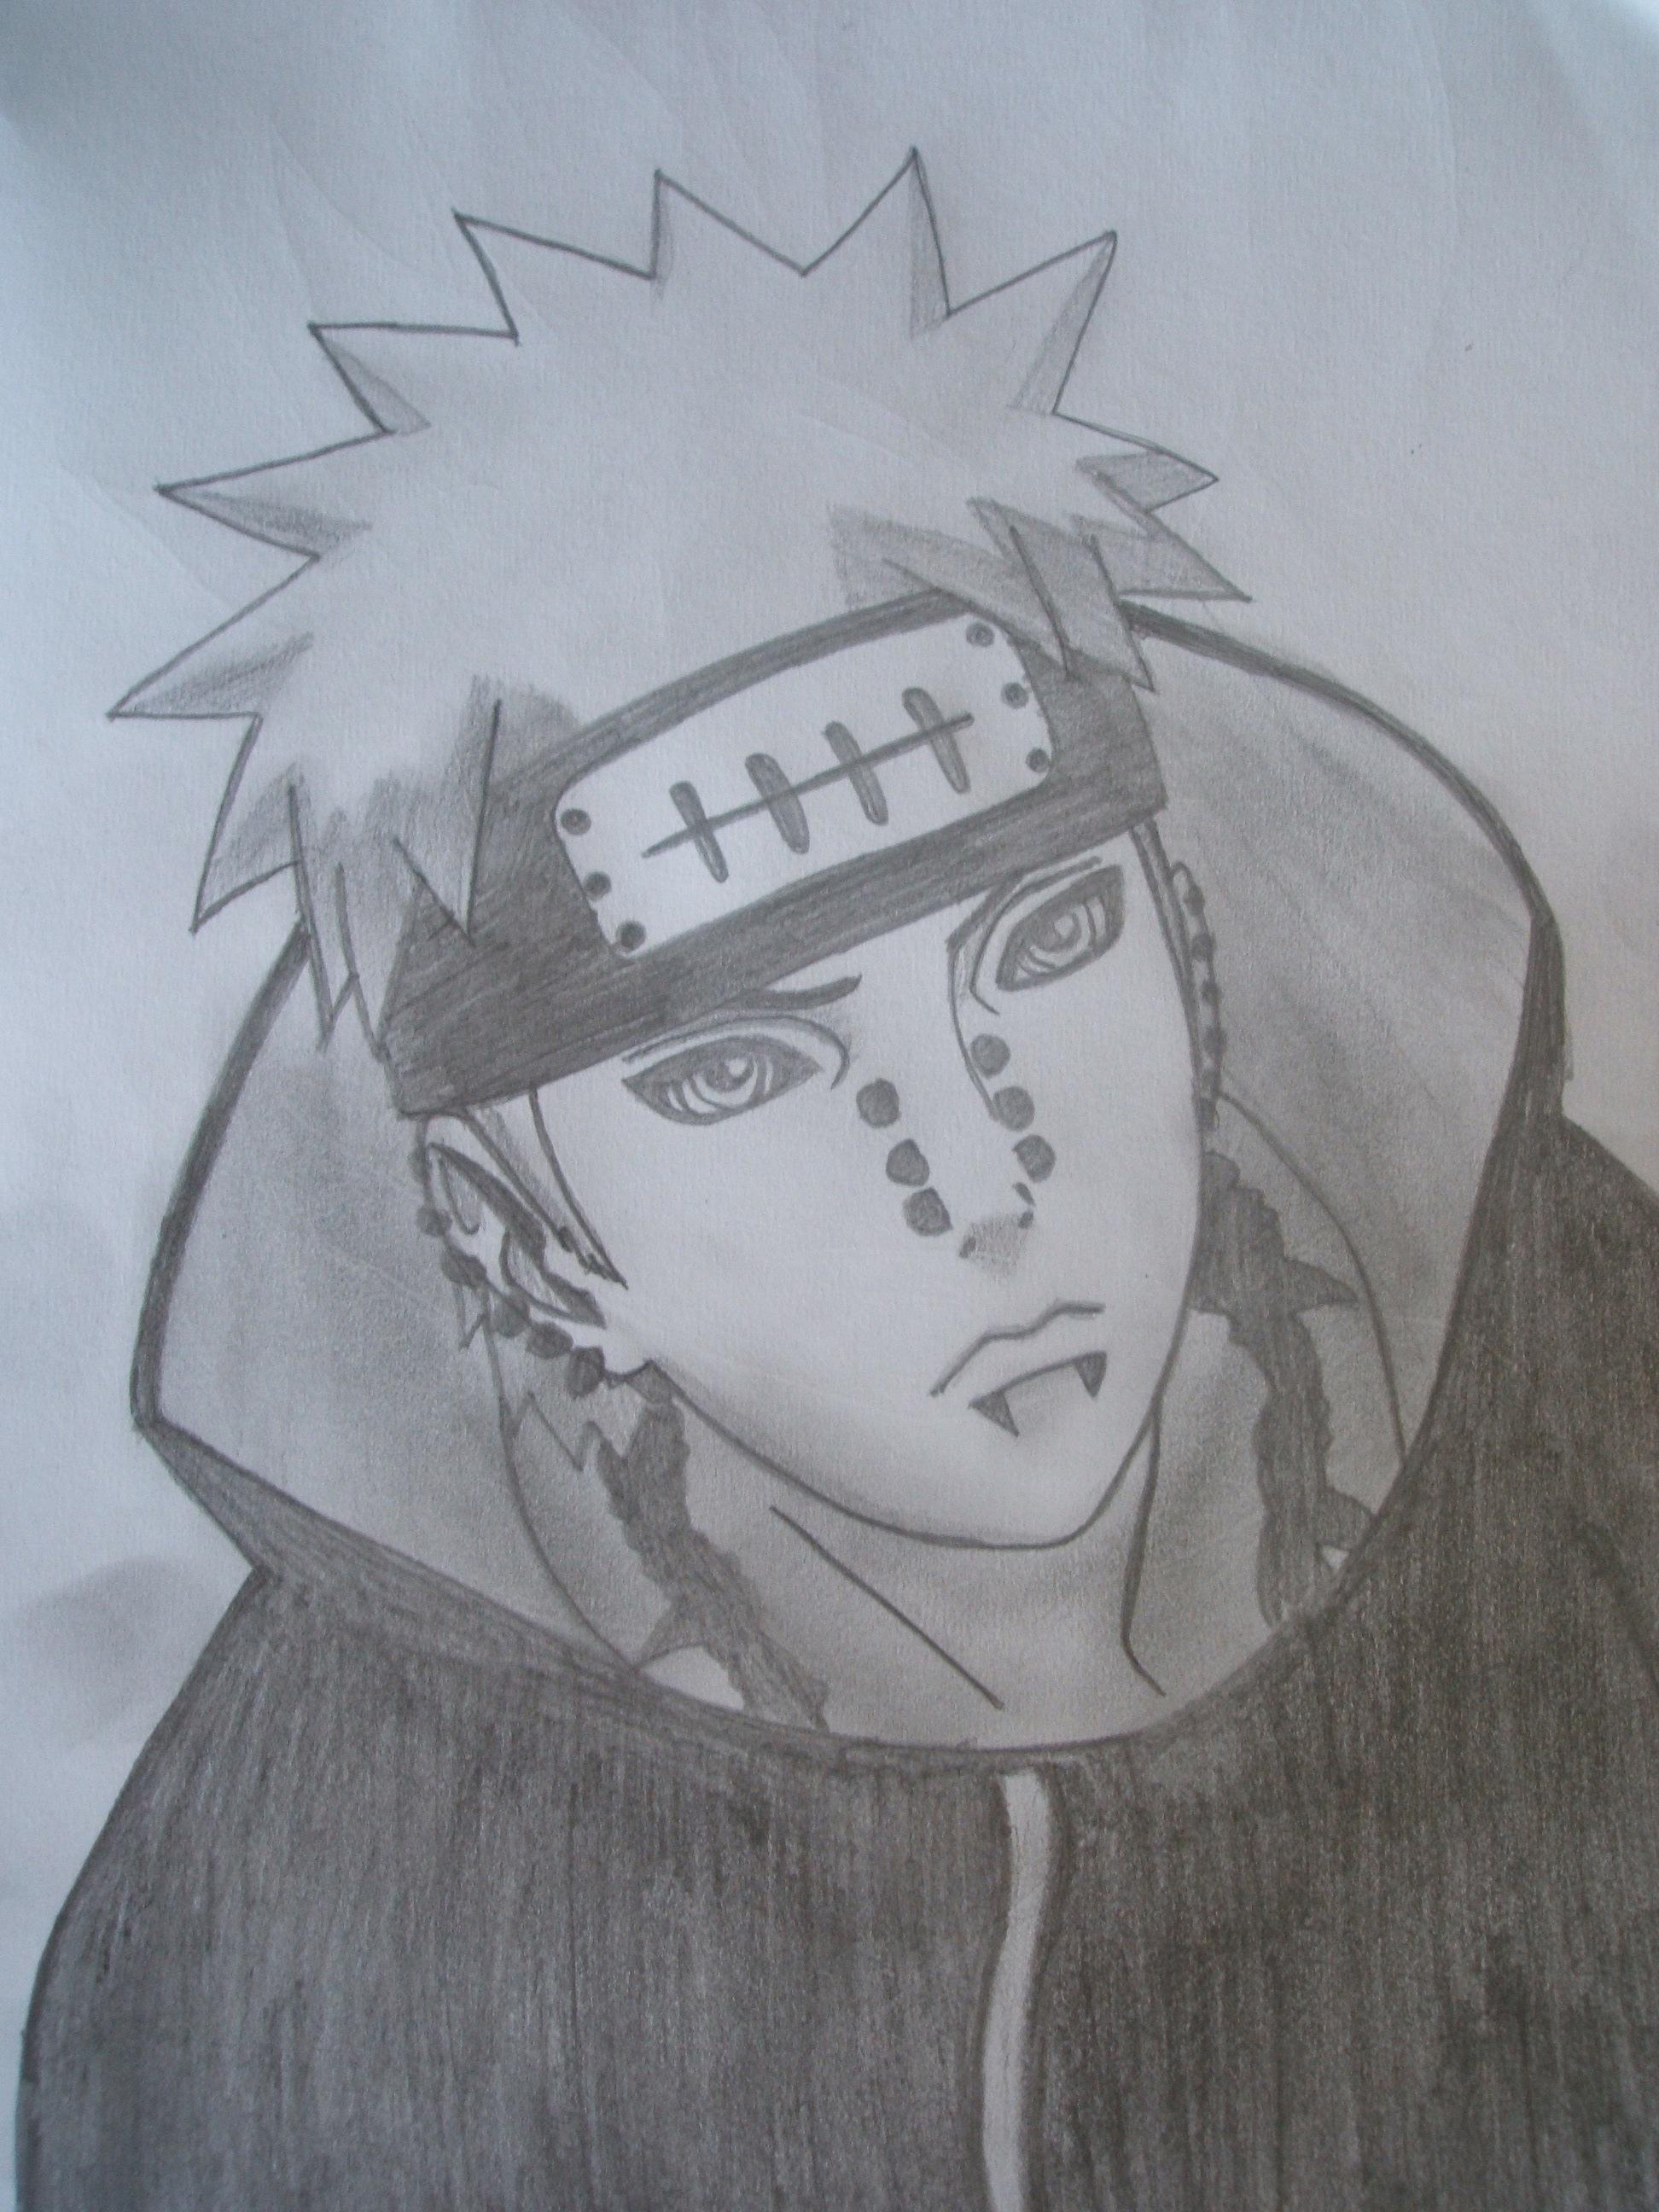 Drawn naruto pein Naruto Drawing Phlex Shippuden 26